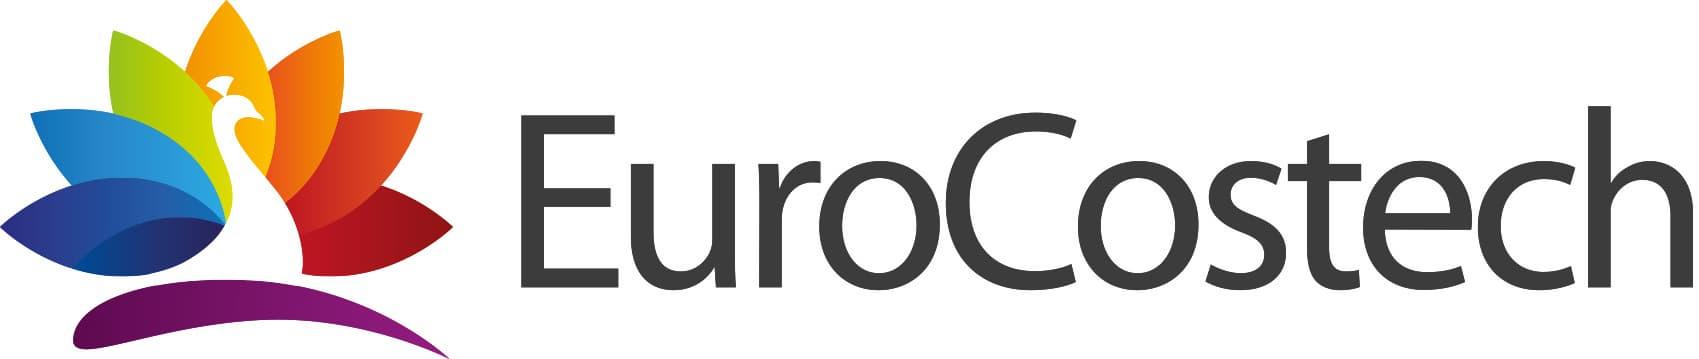 EUROCOSTECH Co., Ltd.